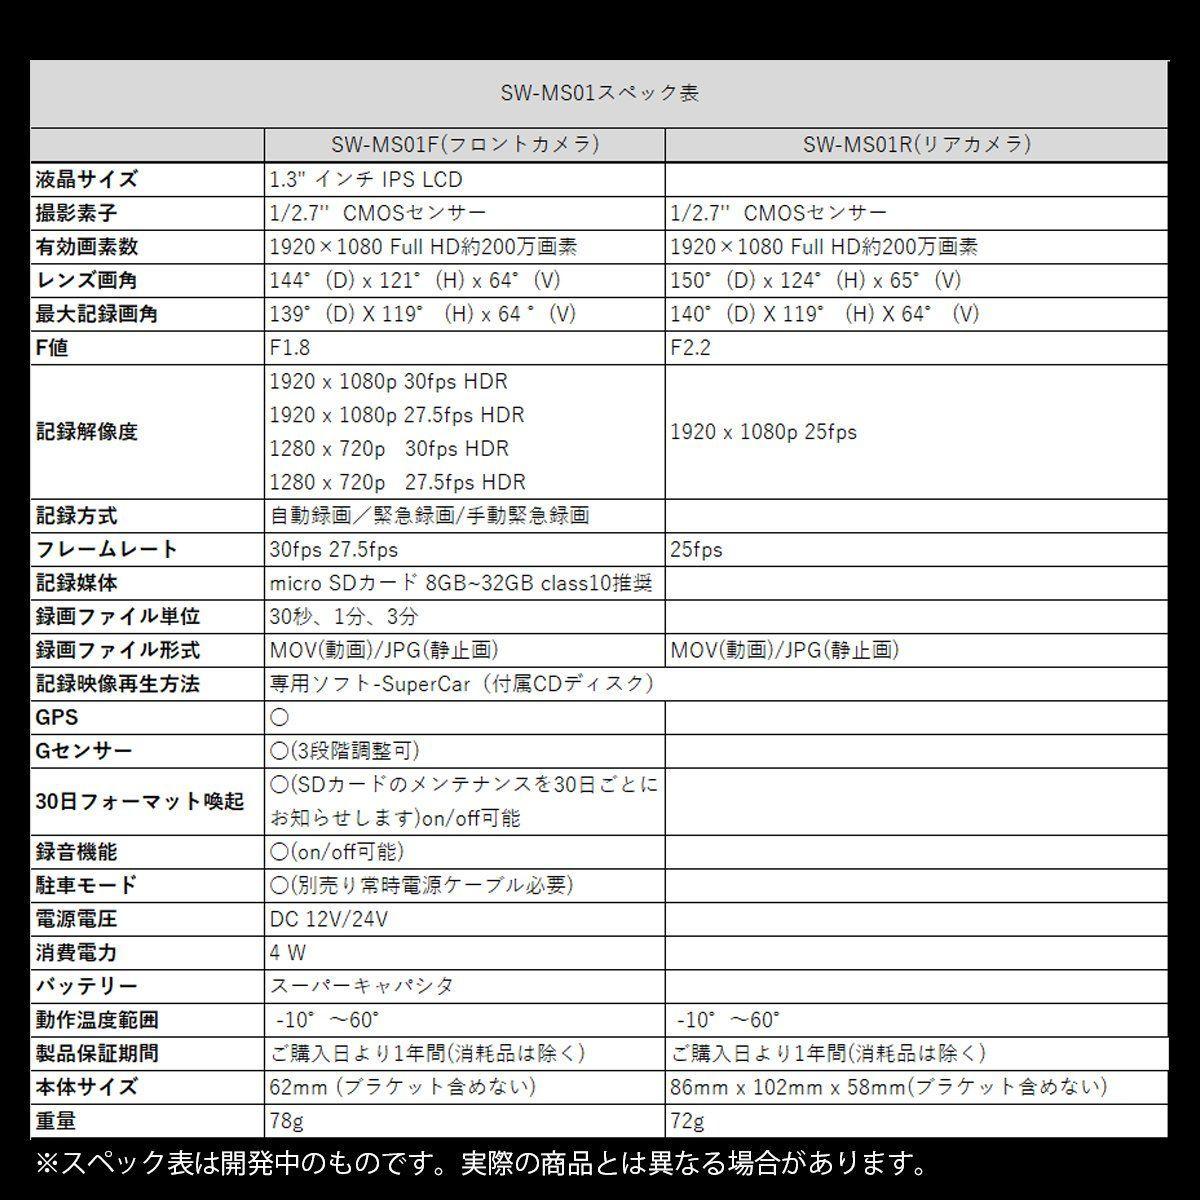 【限定販売】スター・ウォーズ『スターウォーズ ドライブレコーダー SW-MS01』カー用品-016